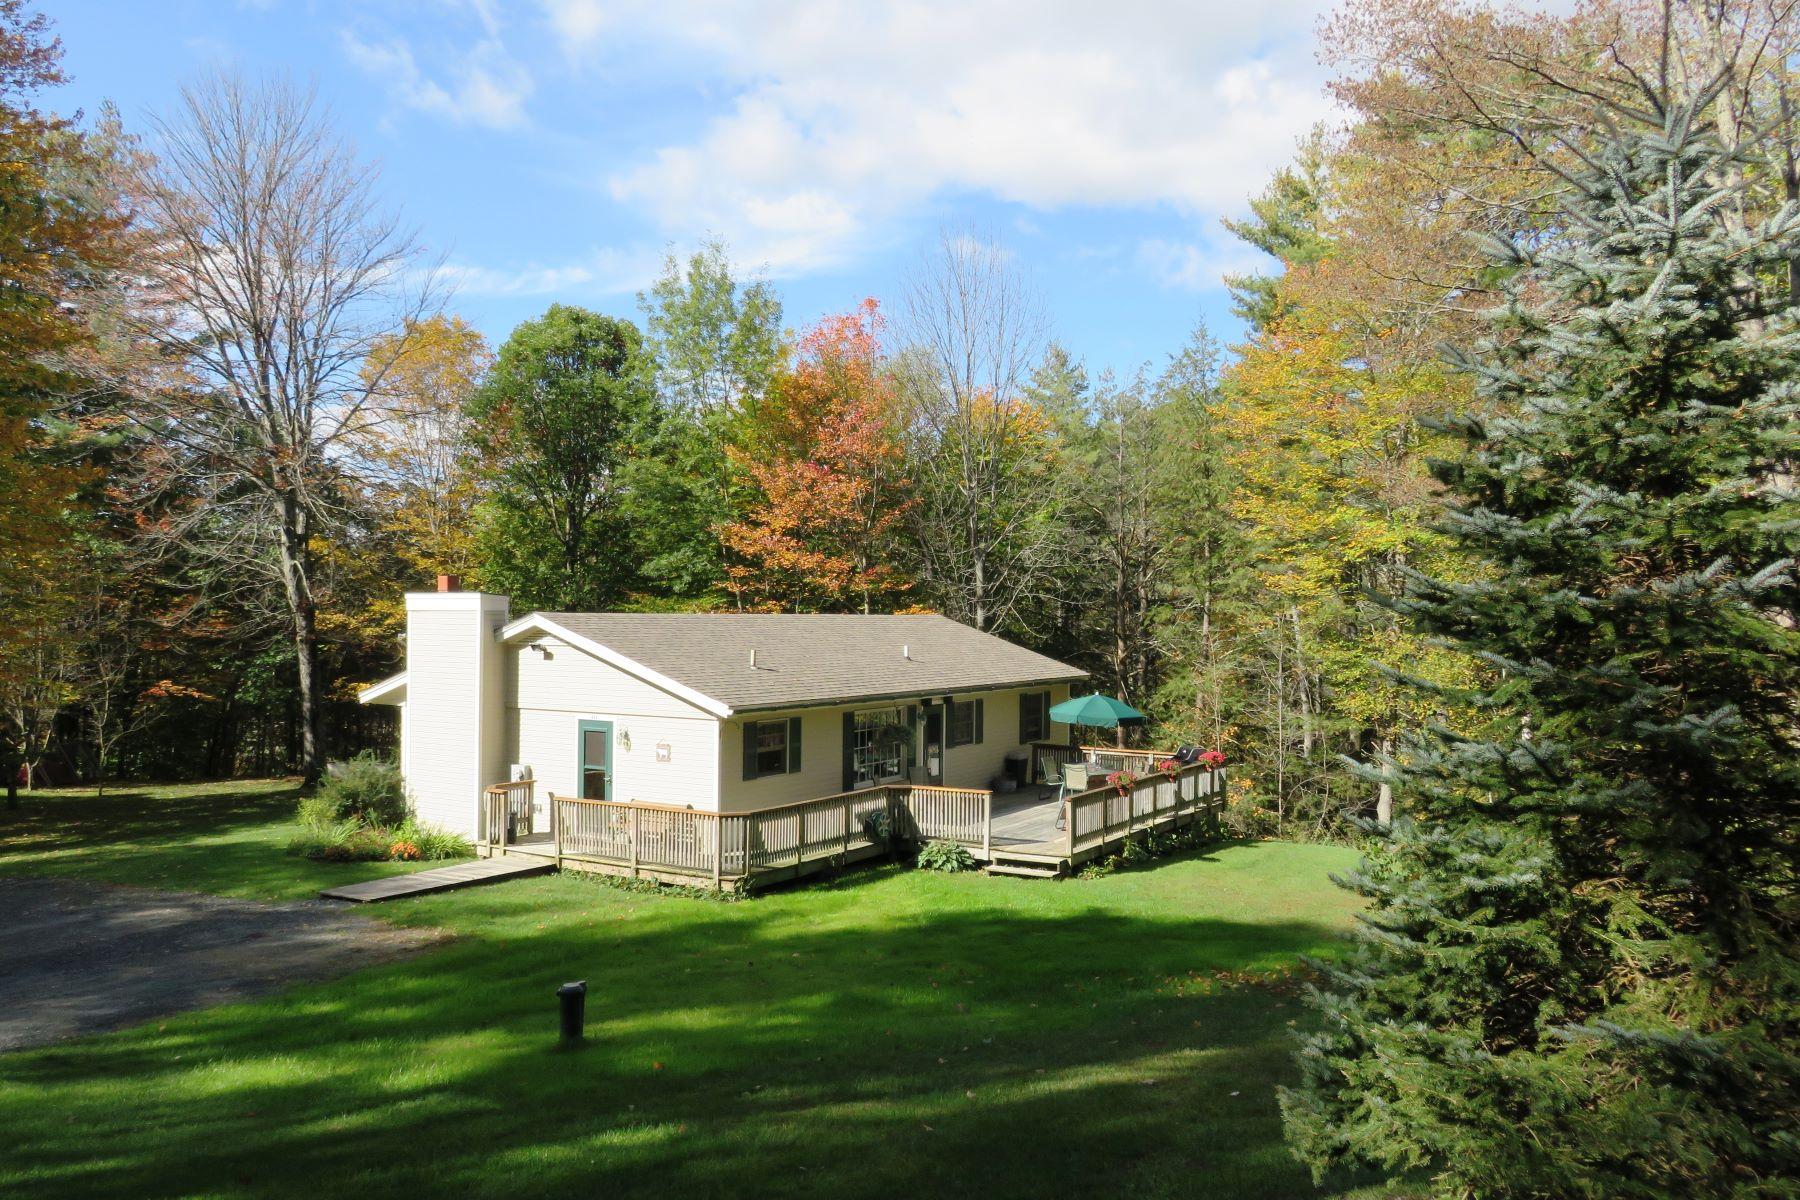 Частный односемейный дом для того Продажа на Three Bedroom Ranch in Hartford 113 Aster Dr, Hartford, Вермонт, 05001 Соединенные Штаты